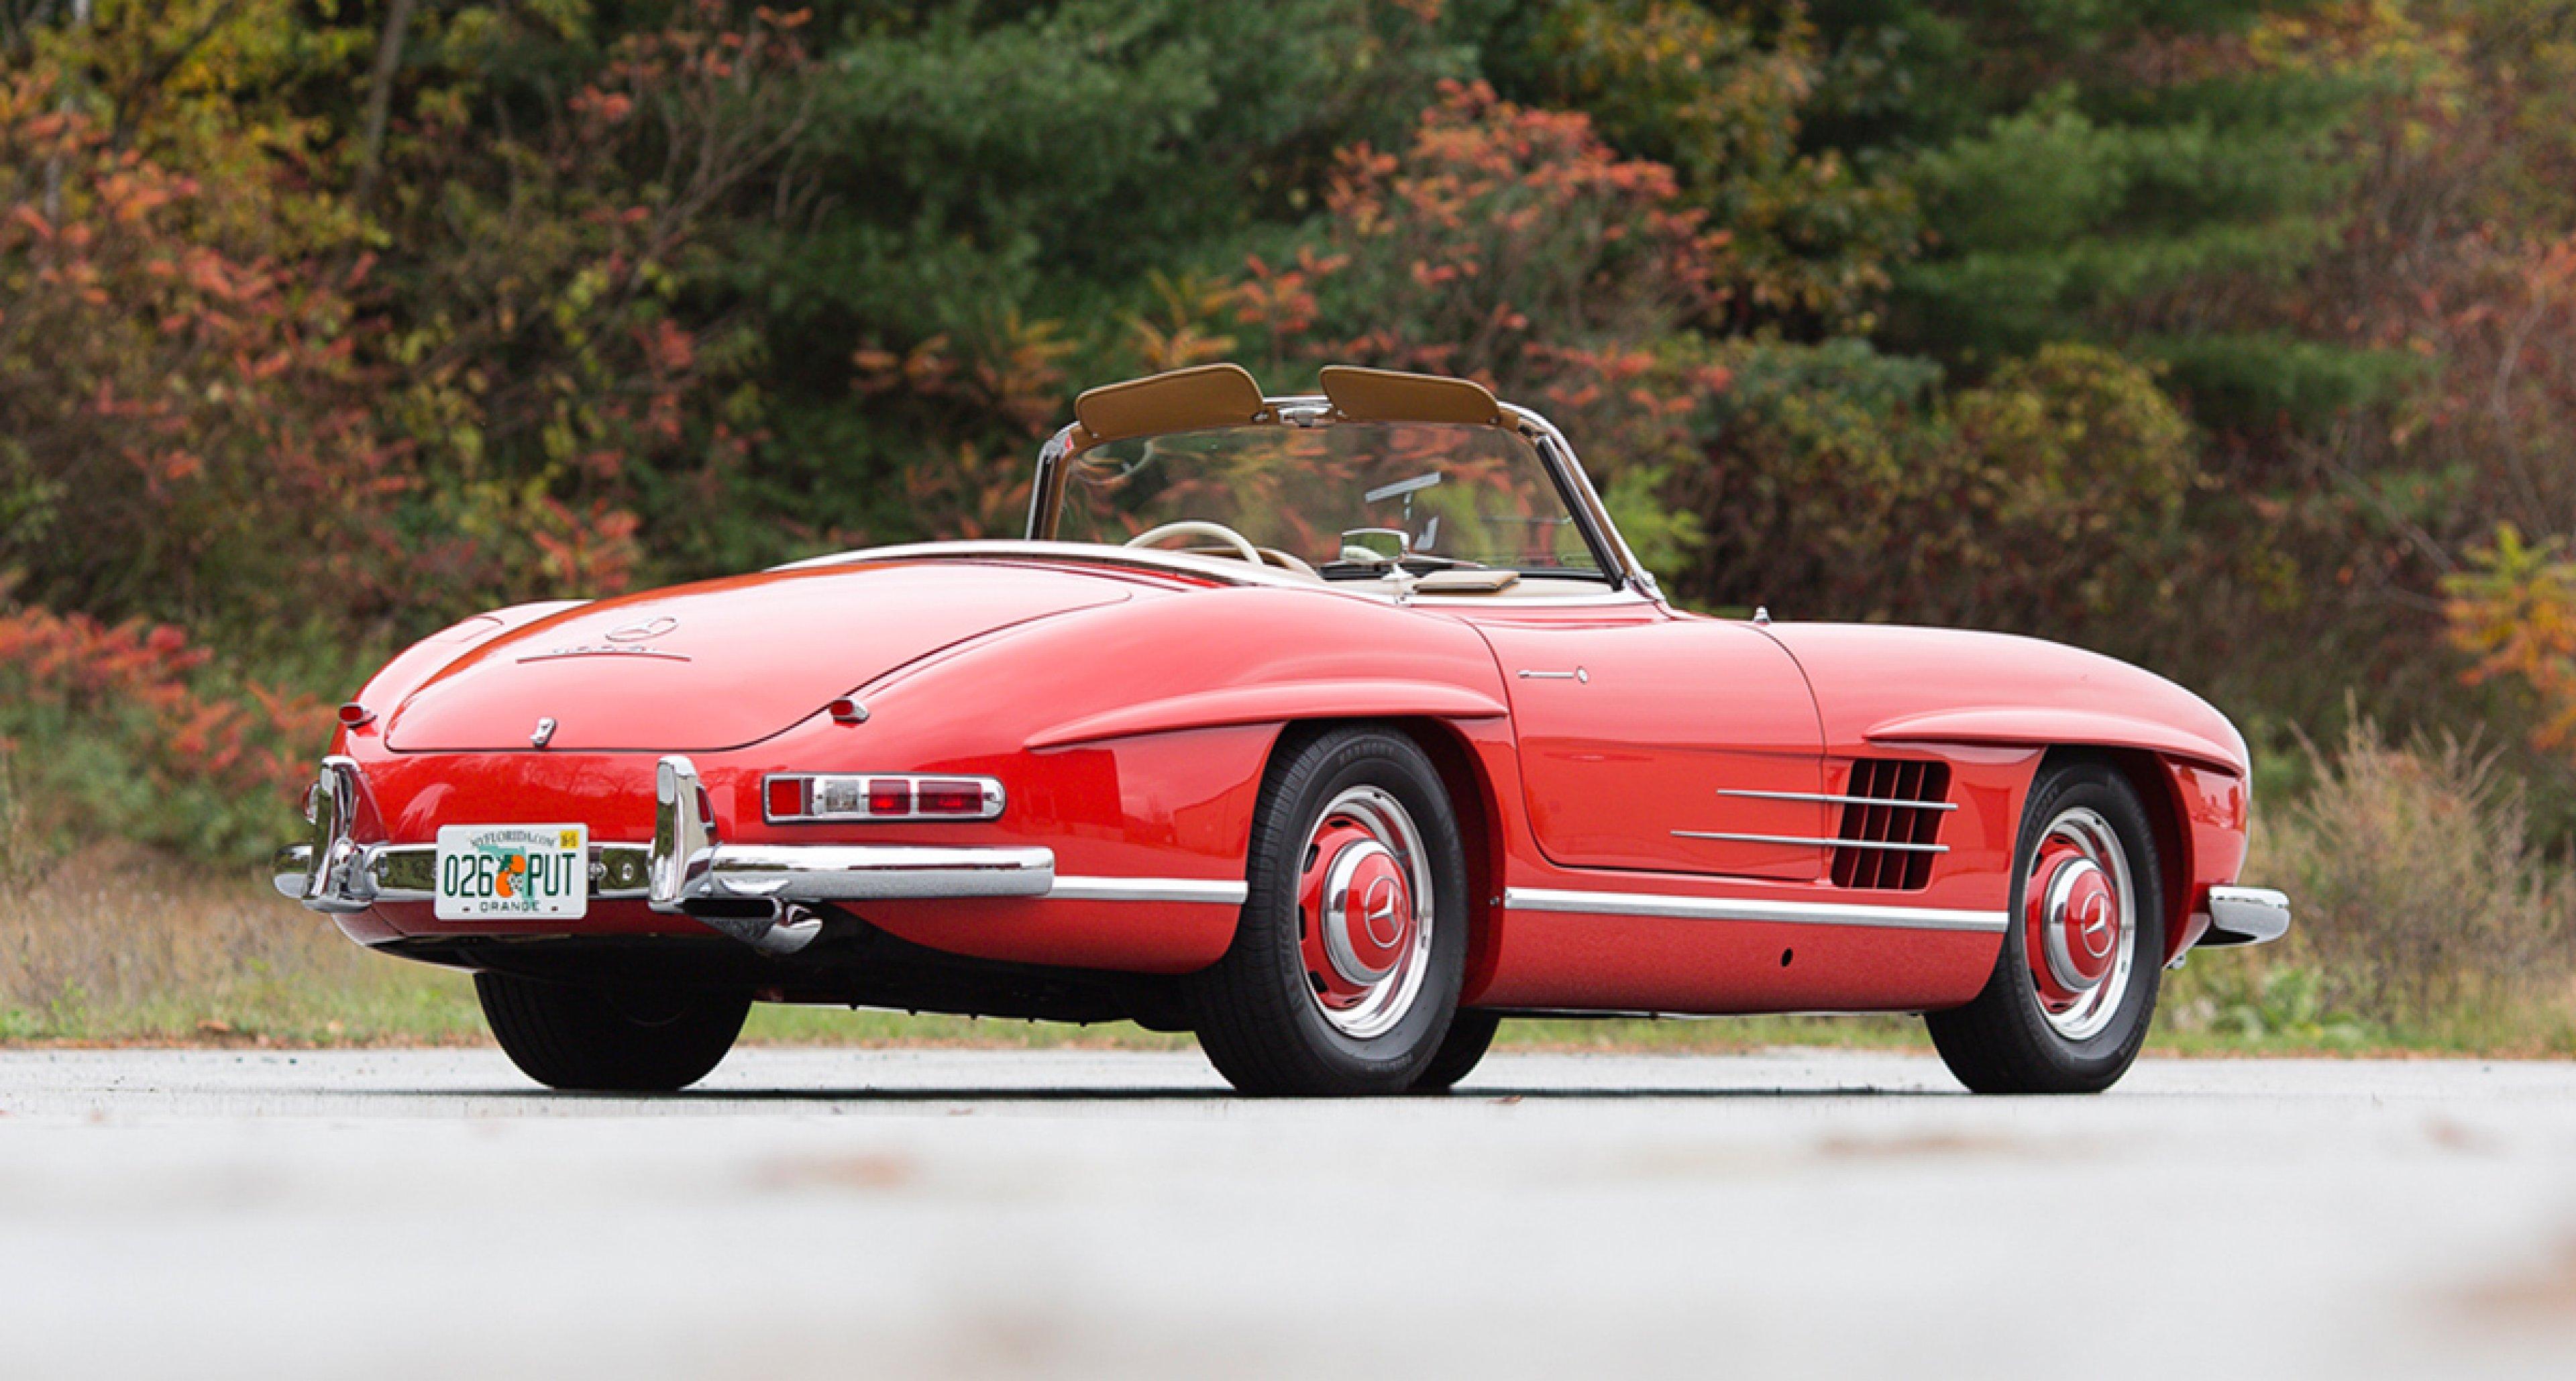 1960 Mercedes-Benz 300 SL Roadster / $800,000 - $1,000,000 (Lot 132)